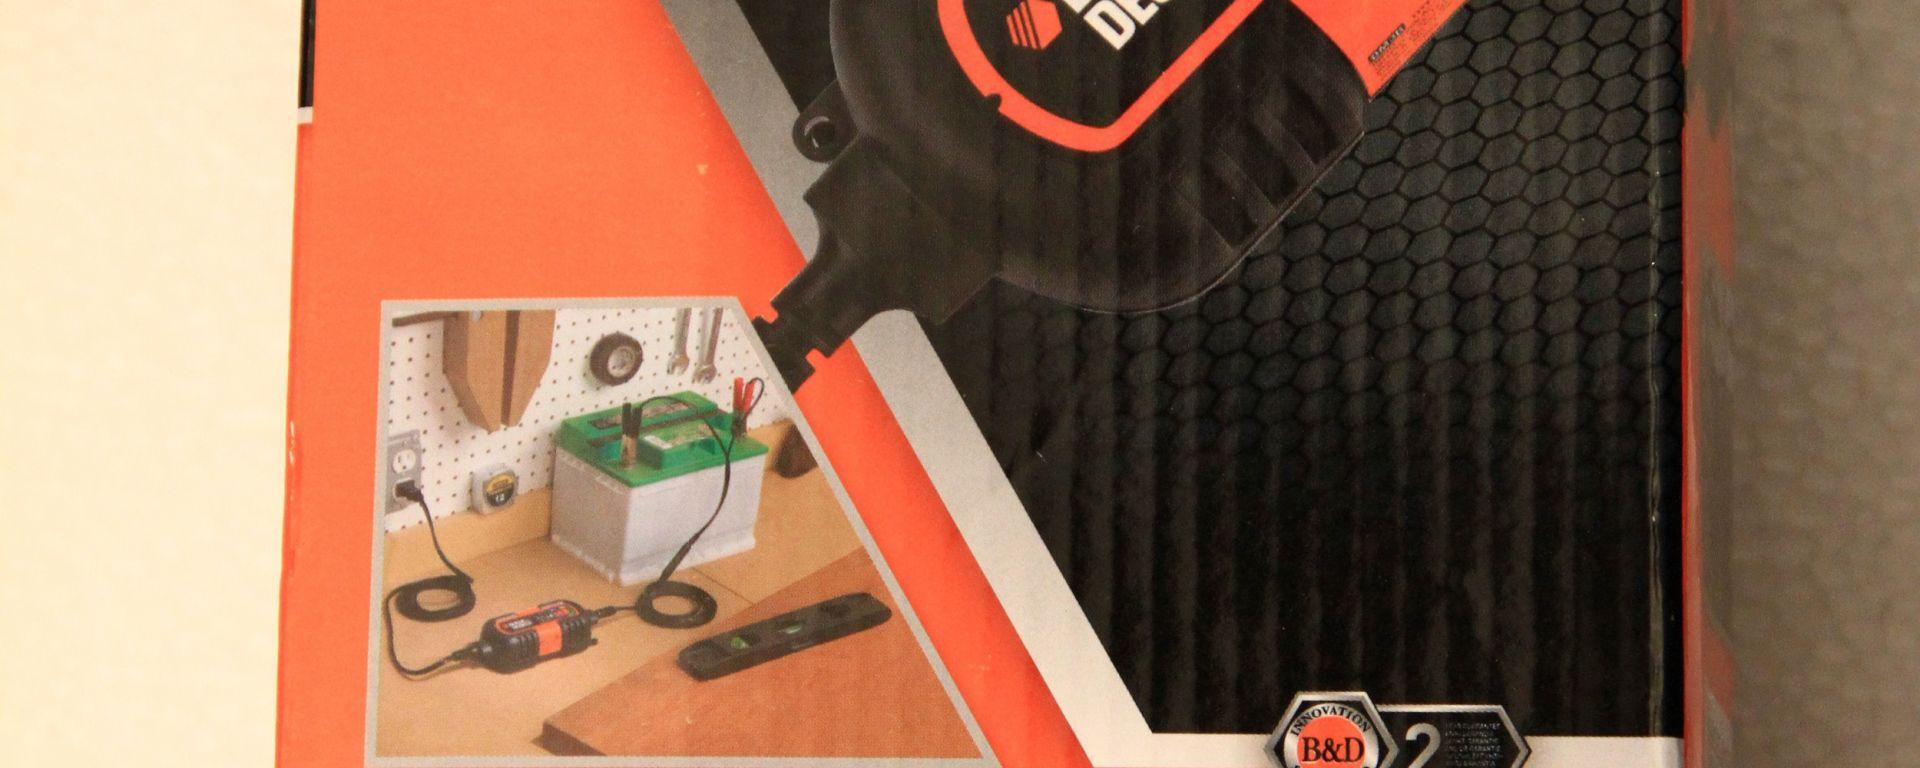 Come salvare la batteria. Il mantenitore di carica Black & Decker BDV 090